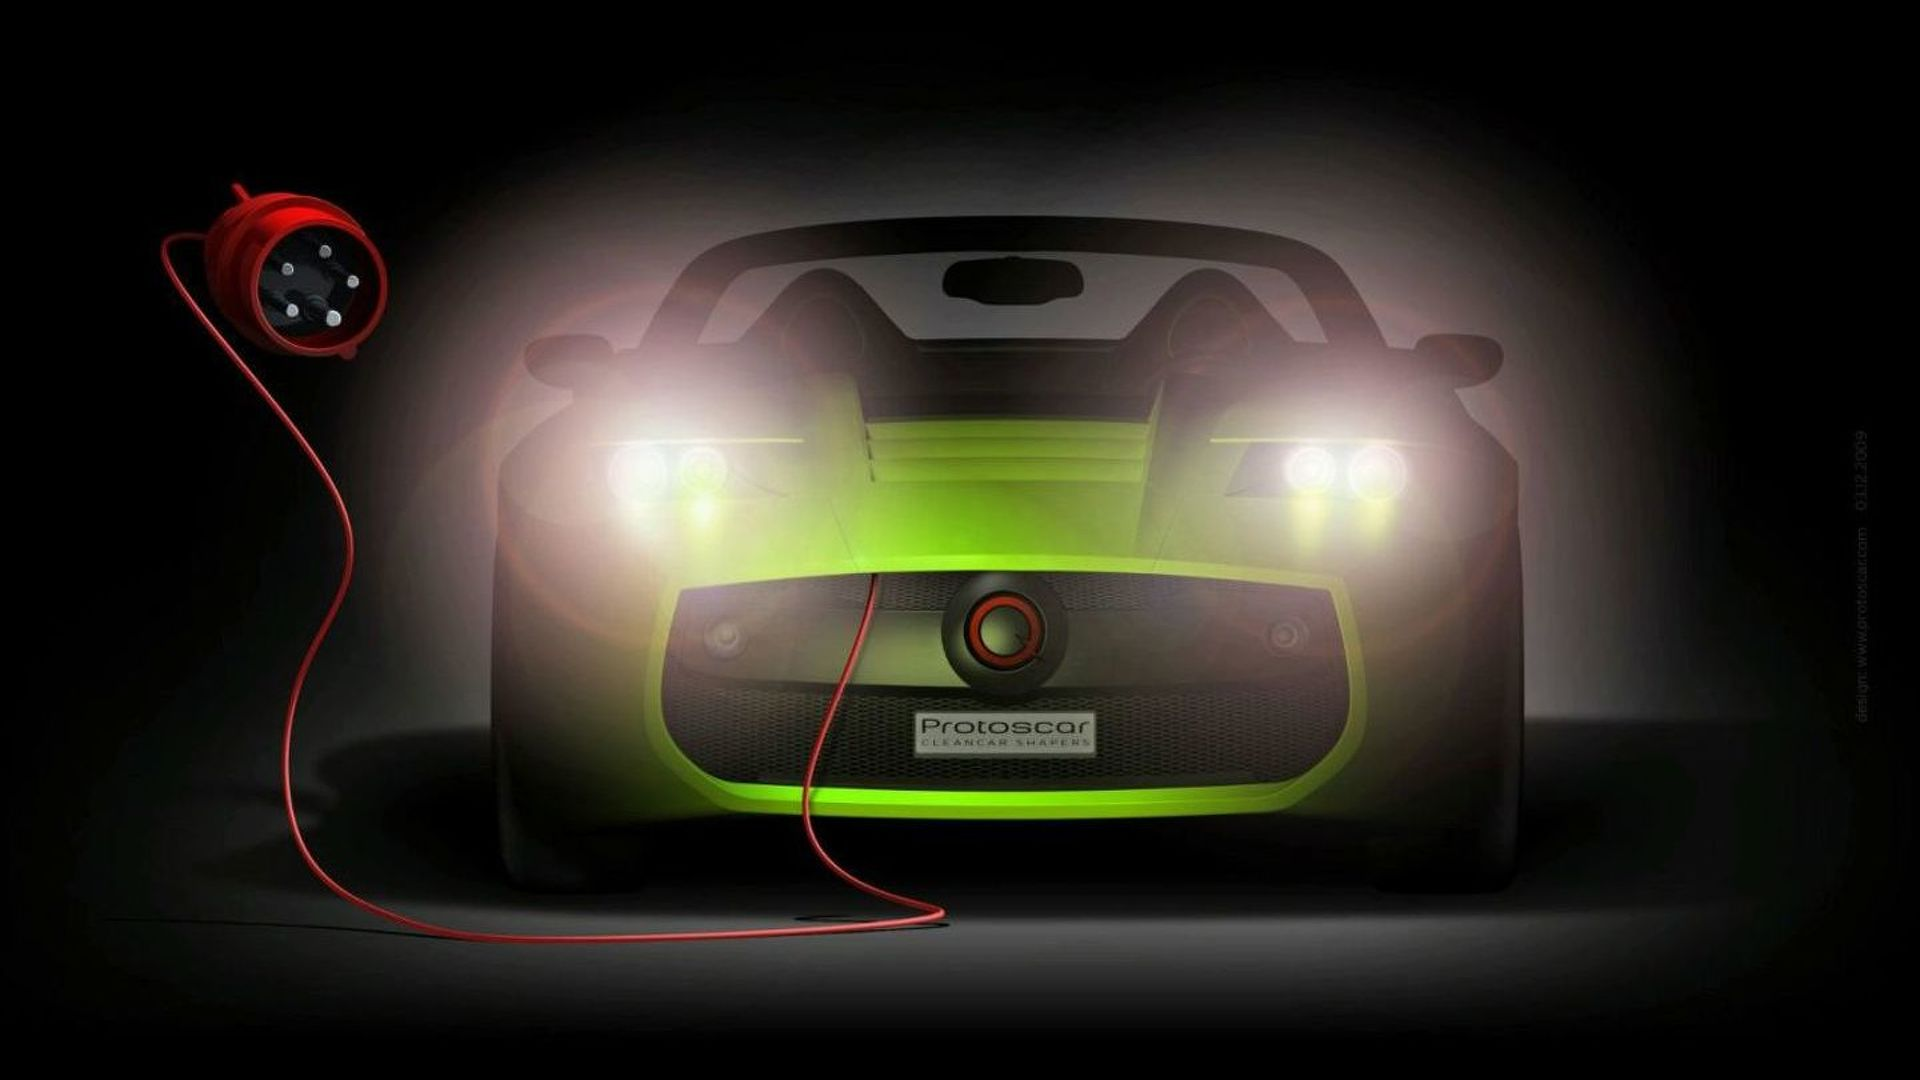 Protoscar Lampo2 EV Teased for Geneva Debut